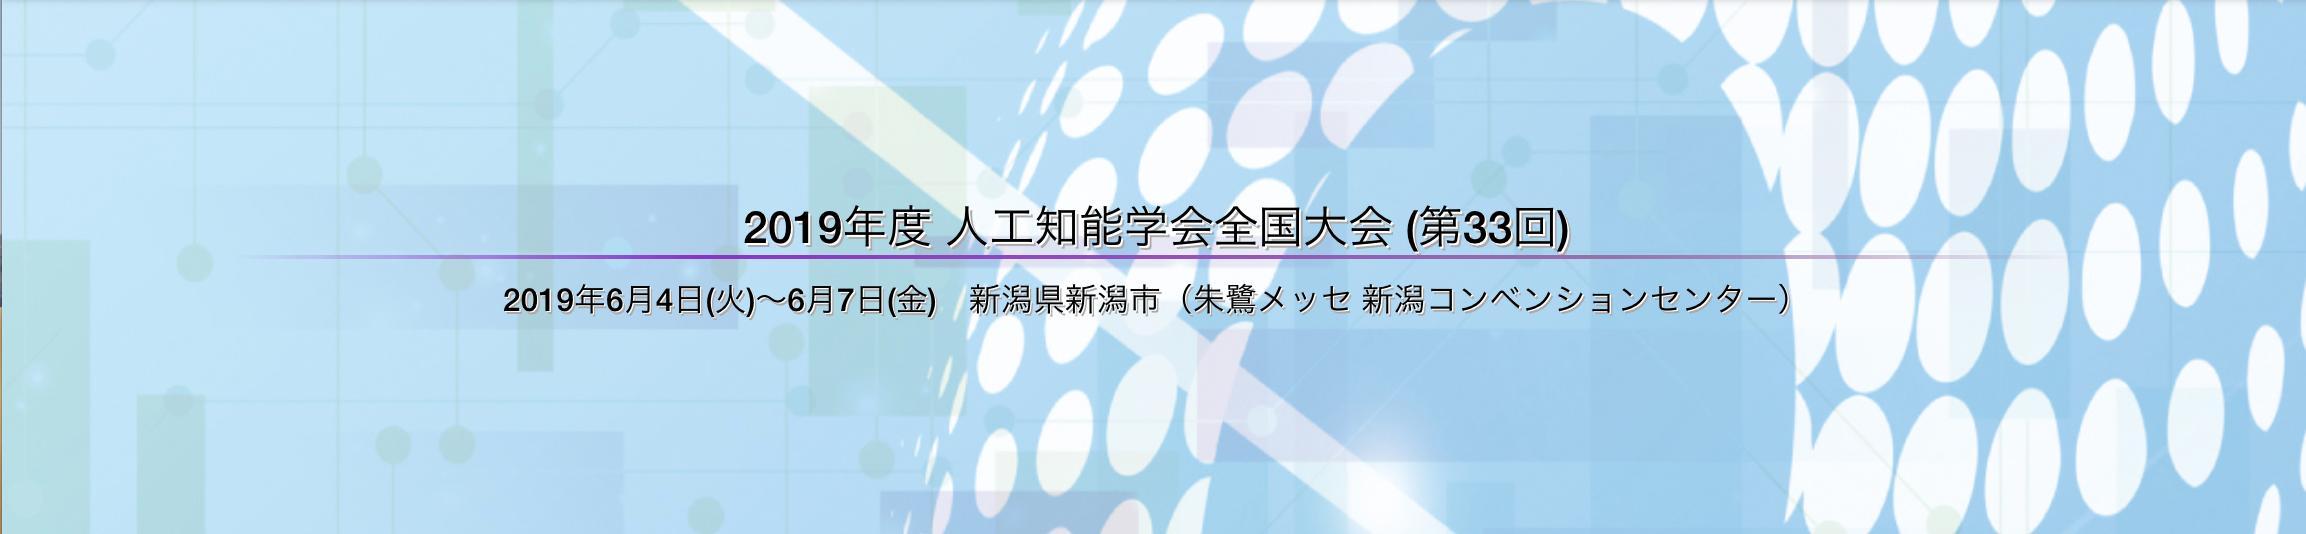 2019年度 人工知能学会全国大会(第33回)